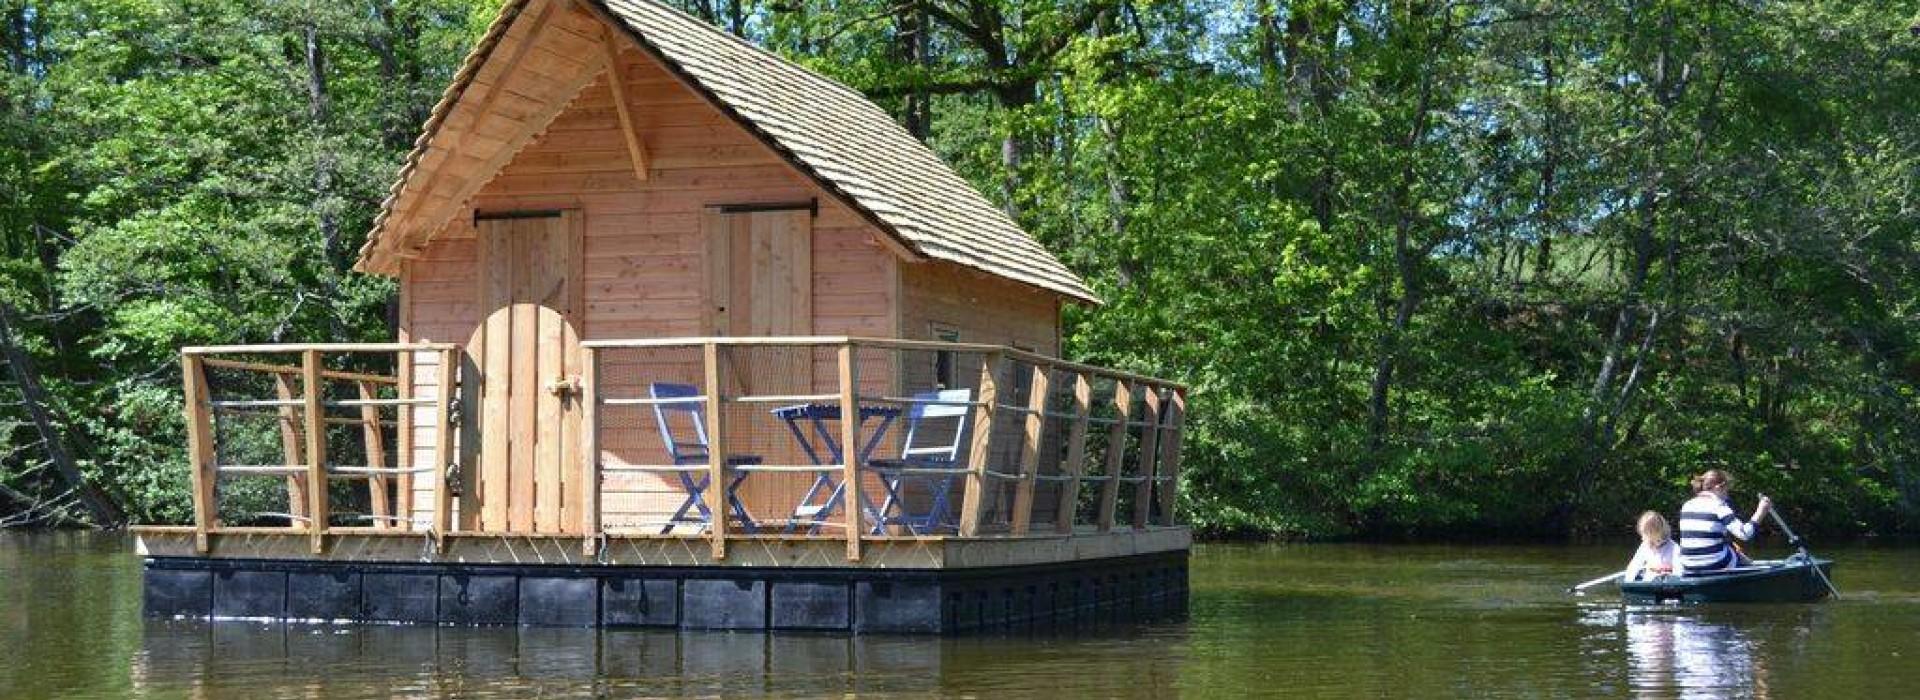 domaine des vaulx cabane sur l 39 eau h bergements. Black Bedroom Furniture Sets. Home Design Ideas